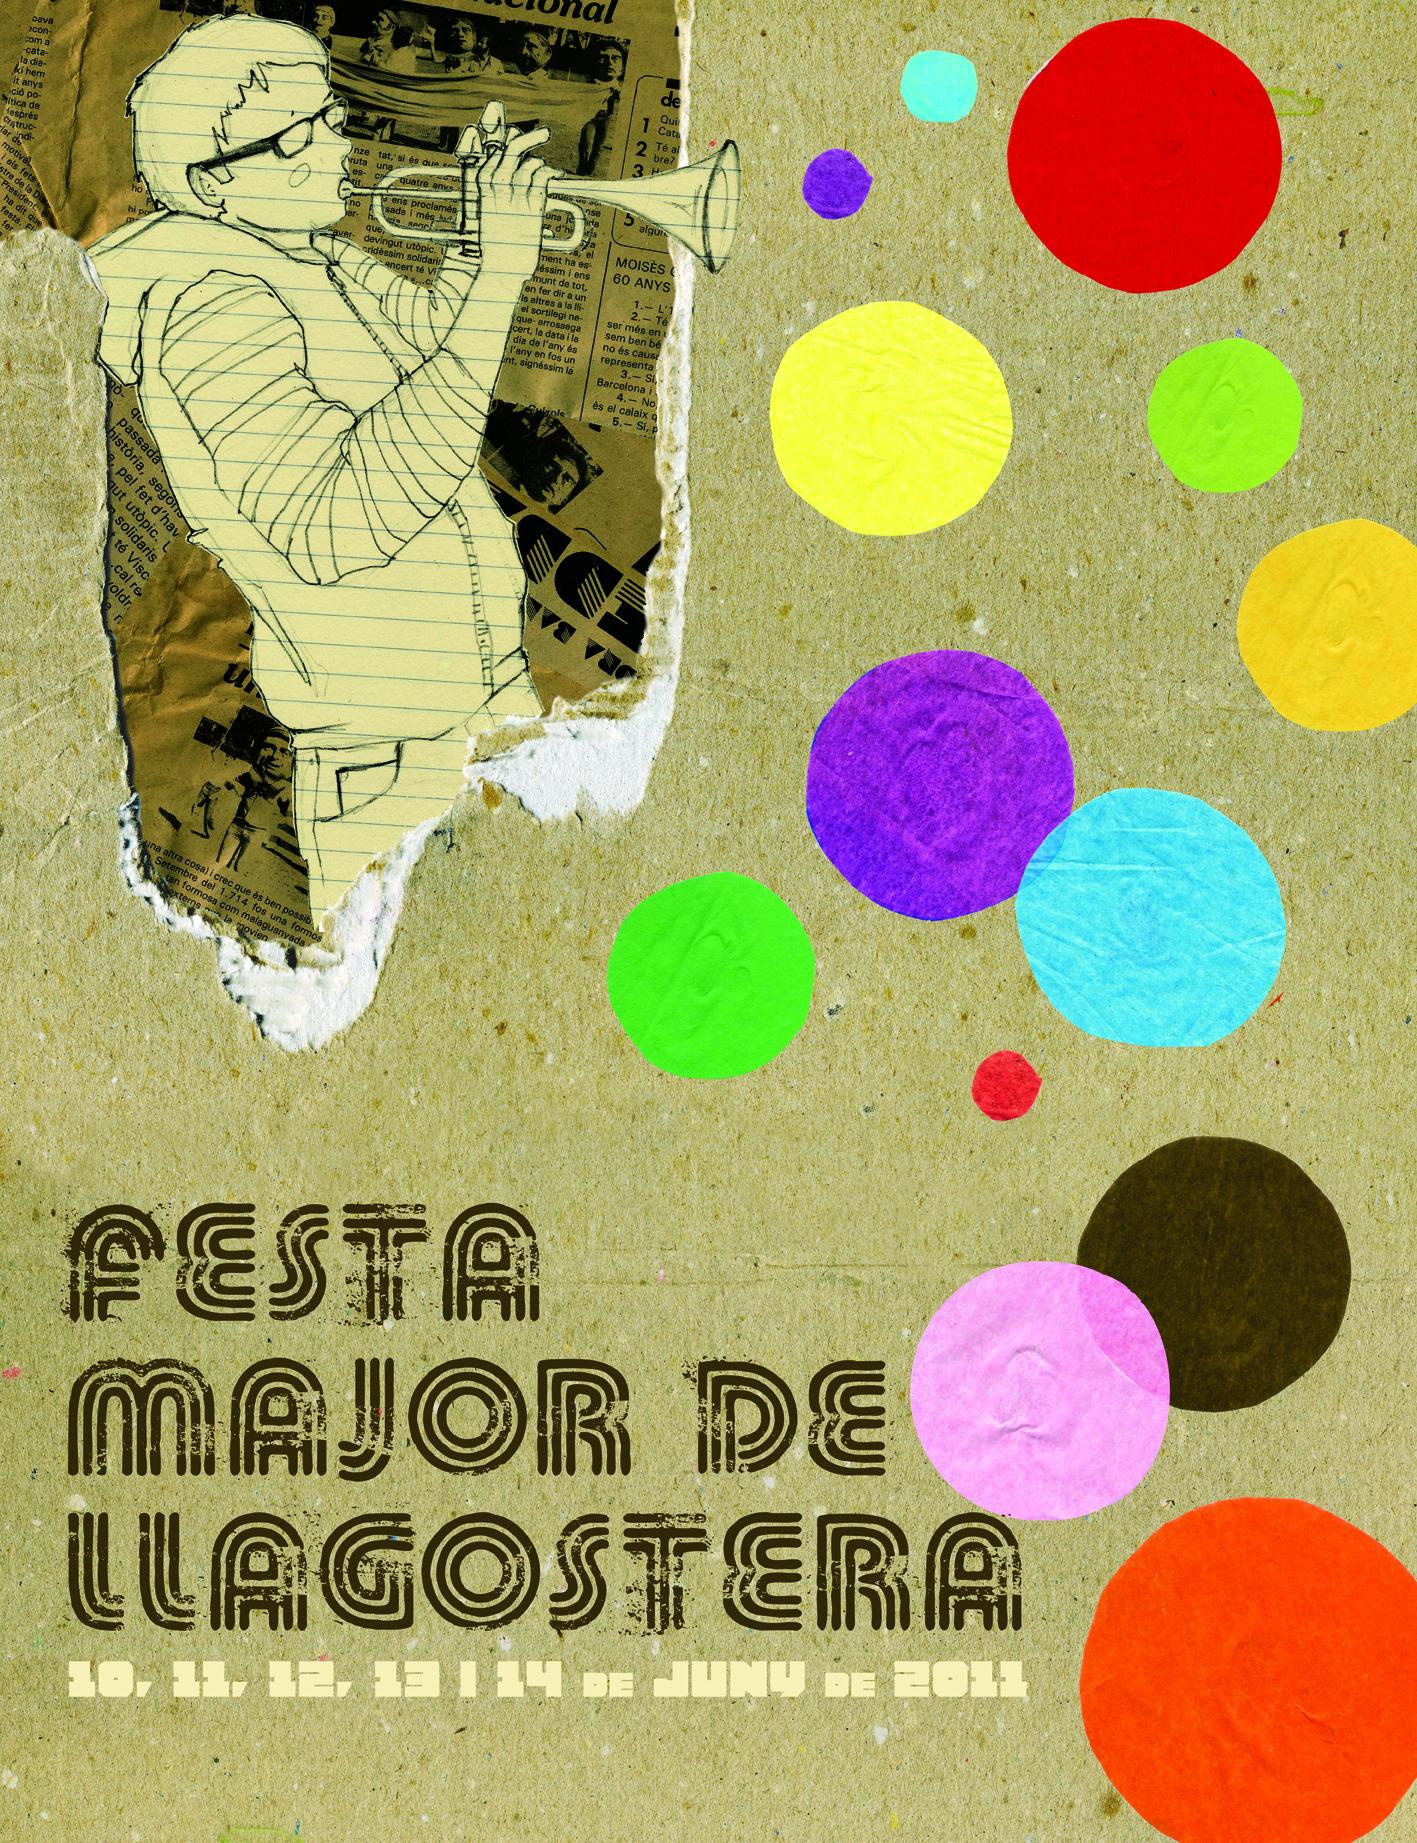 Cartell de Festa Major Llagostera 2011